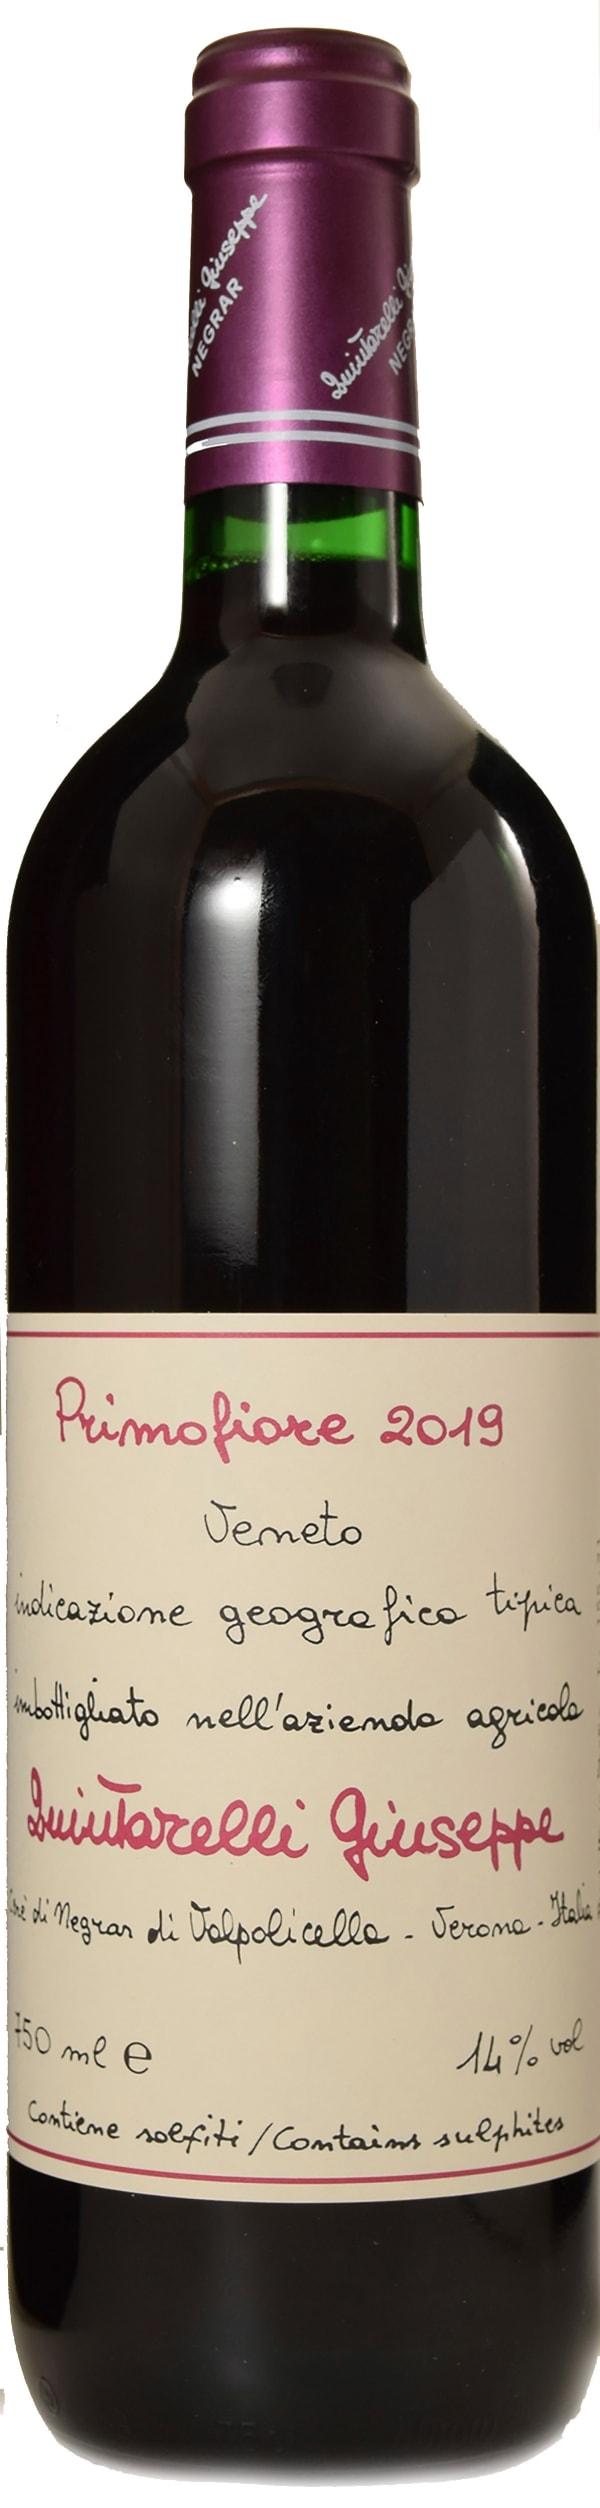 Giuseppe Quintarelli Primofiore 2016